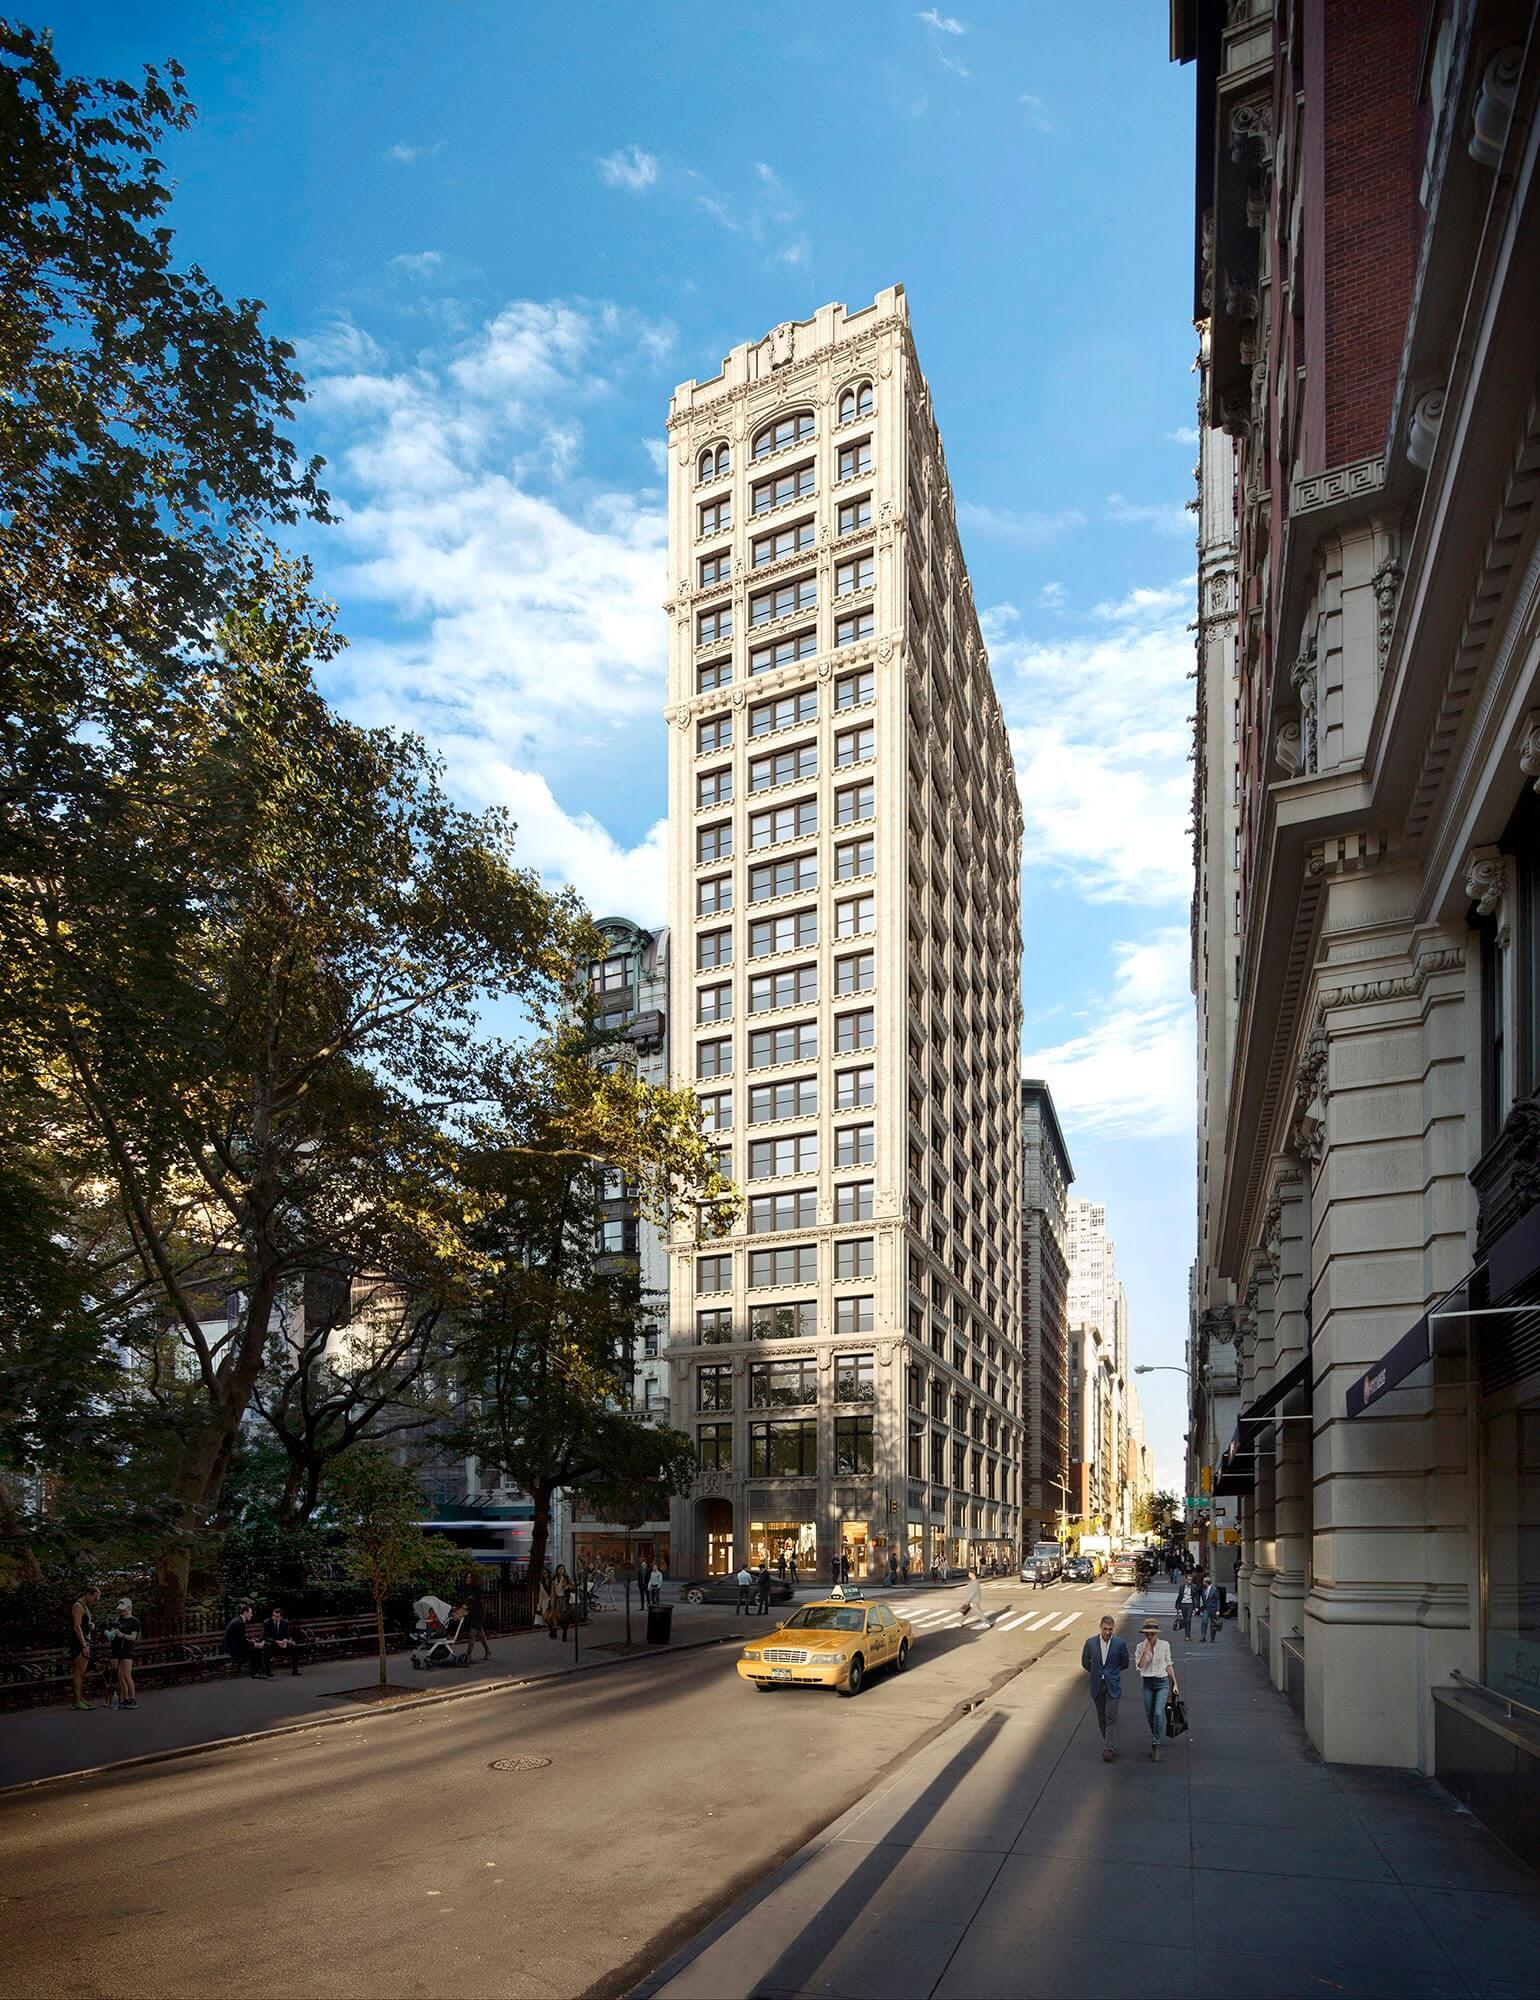 212 Fifth Avenue, New York, NY